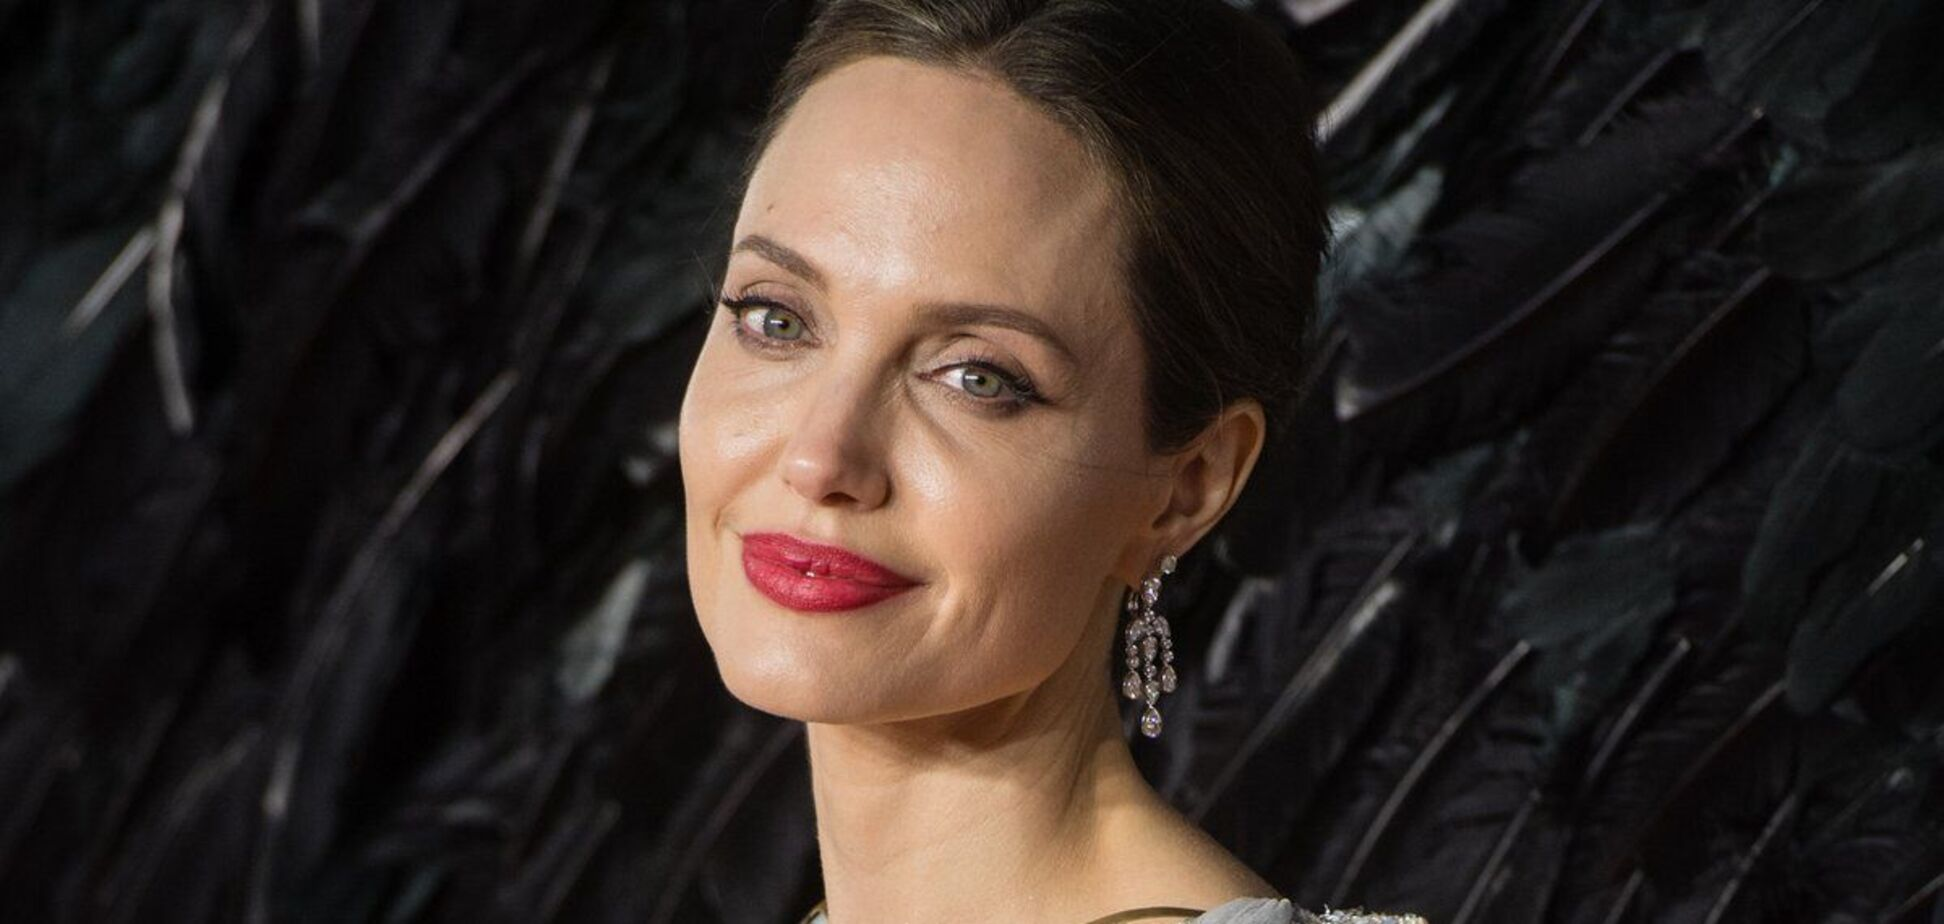 Джолі вперше розповіла про травму через розлучення з Піттом